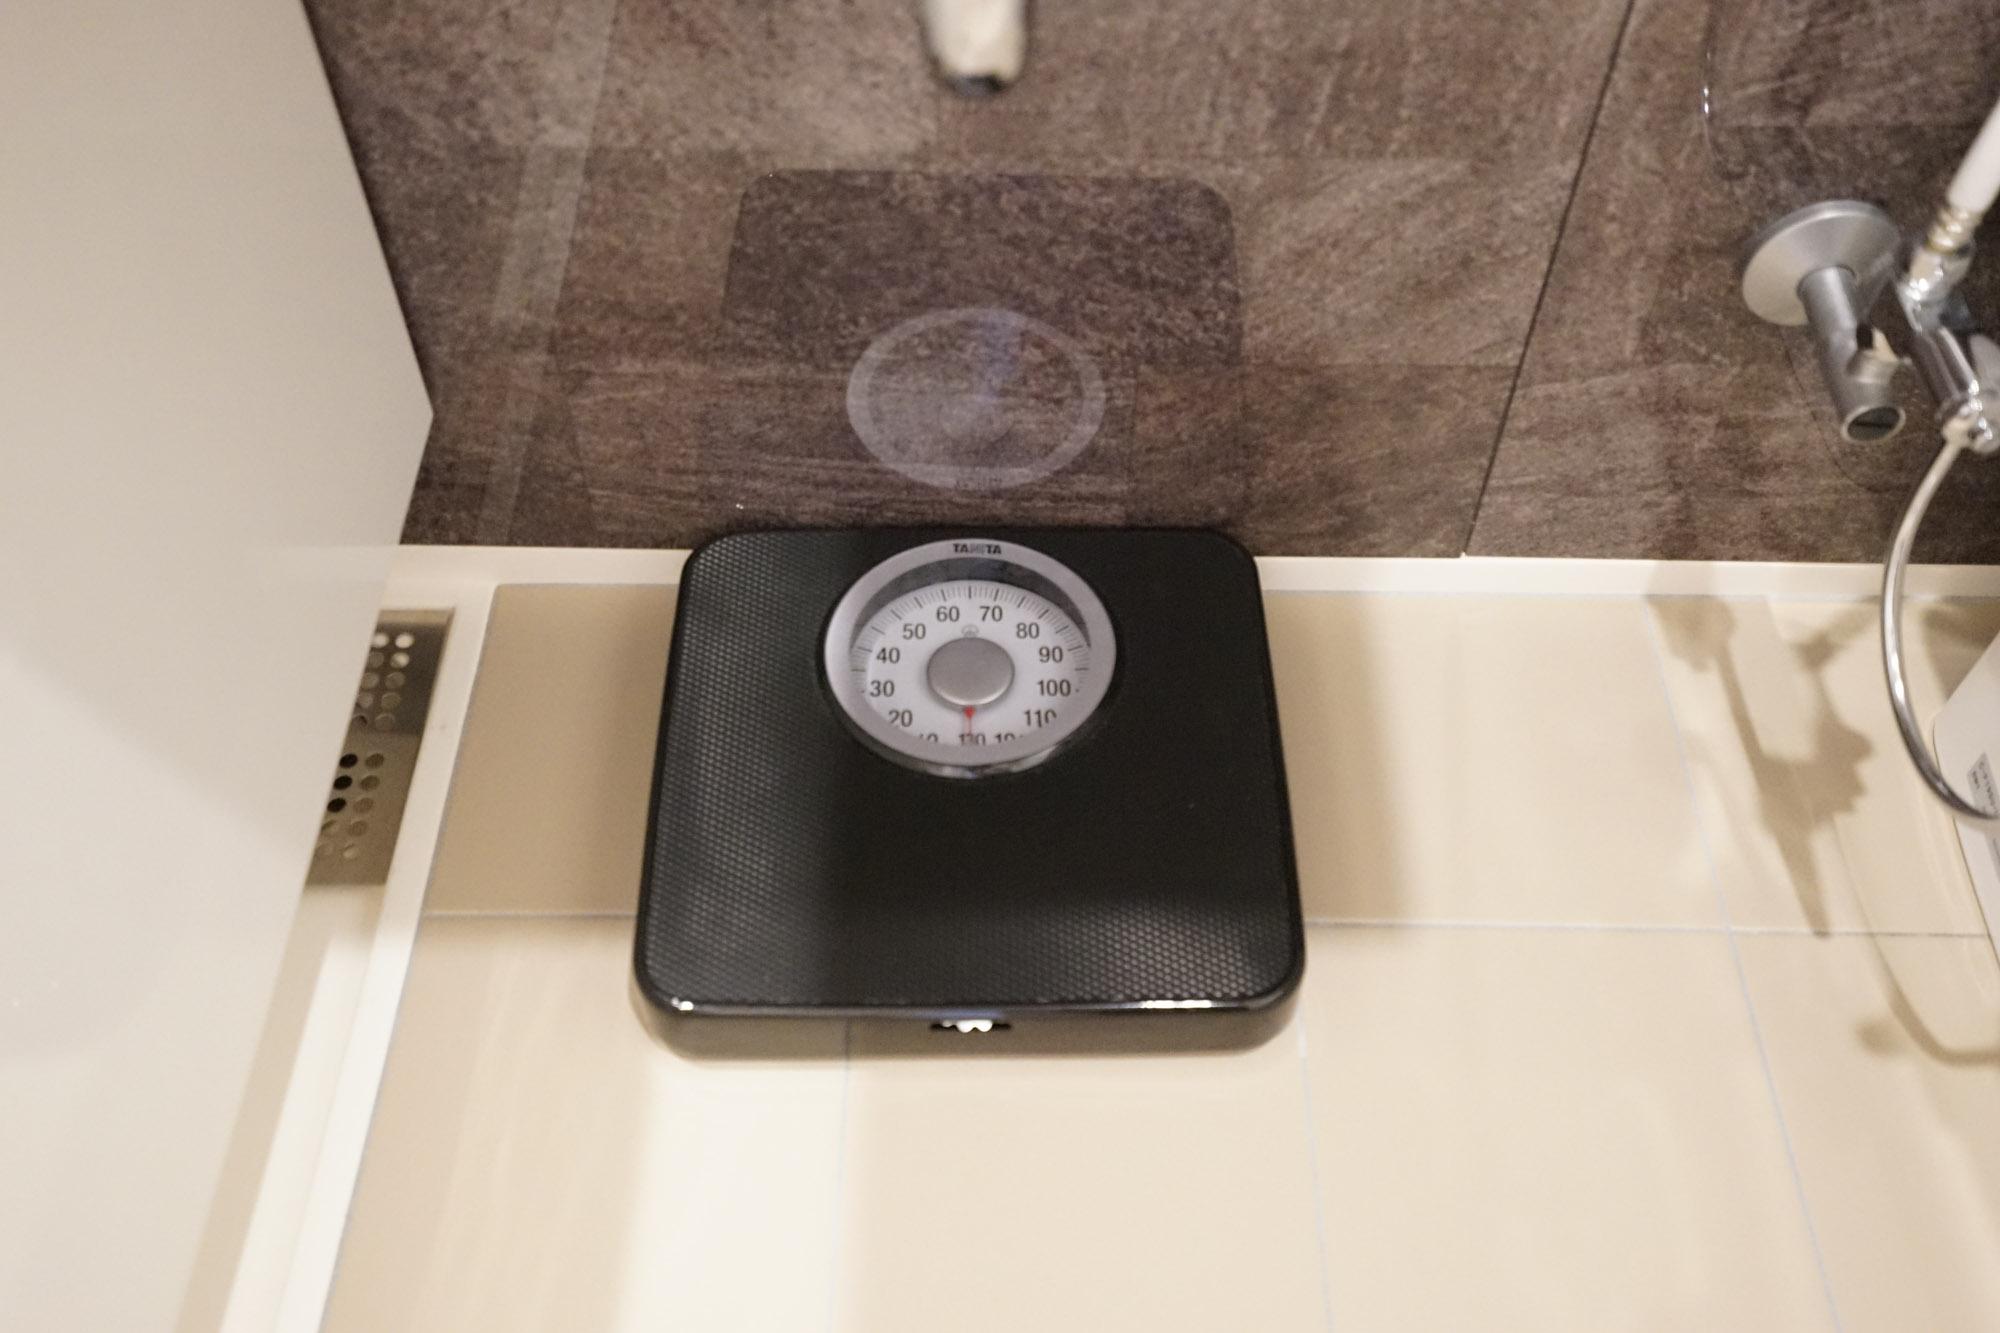 バスルームにはスケールが置いてあって、これはかなり助かります。